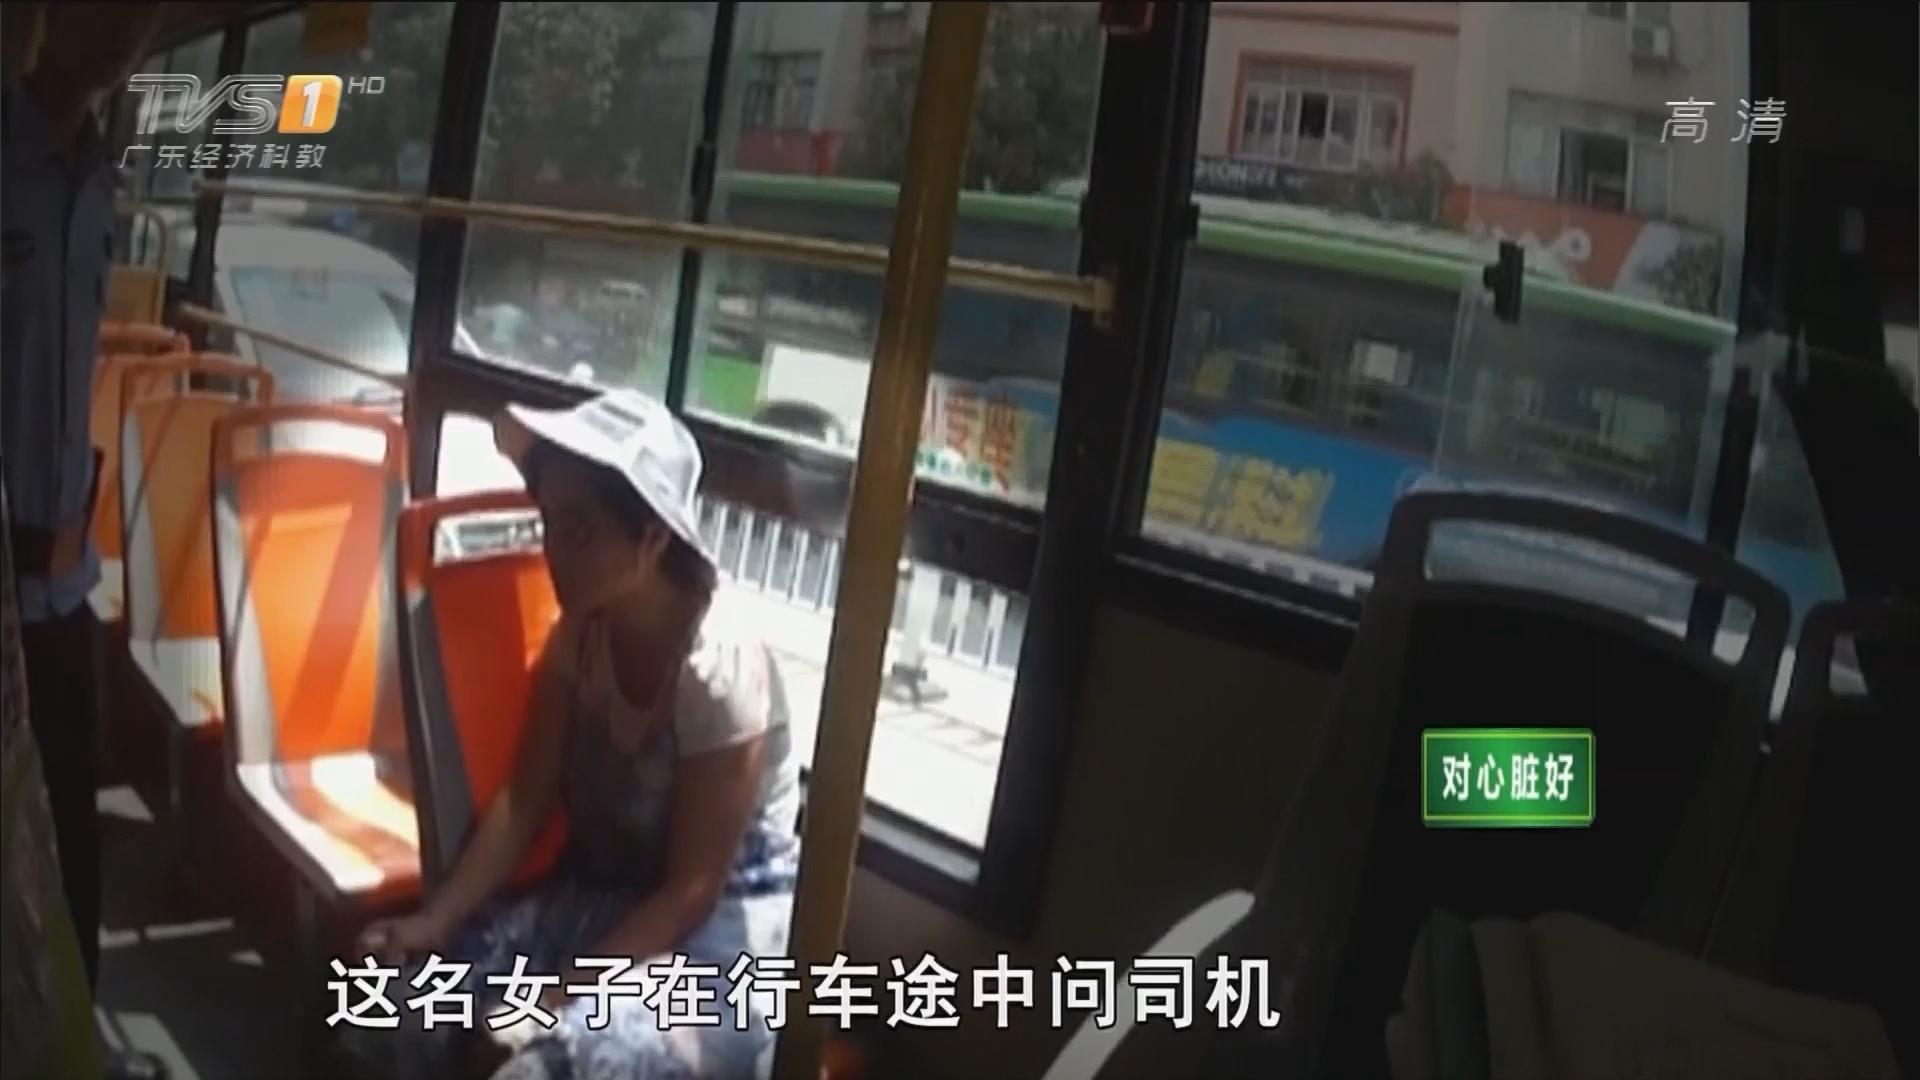 女子拔刀砍公交车司机 究竟为啥?